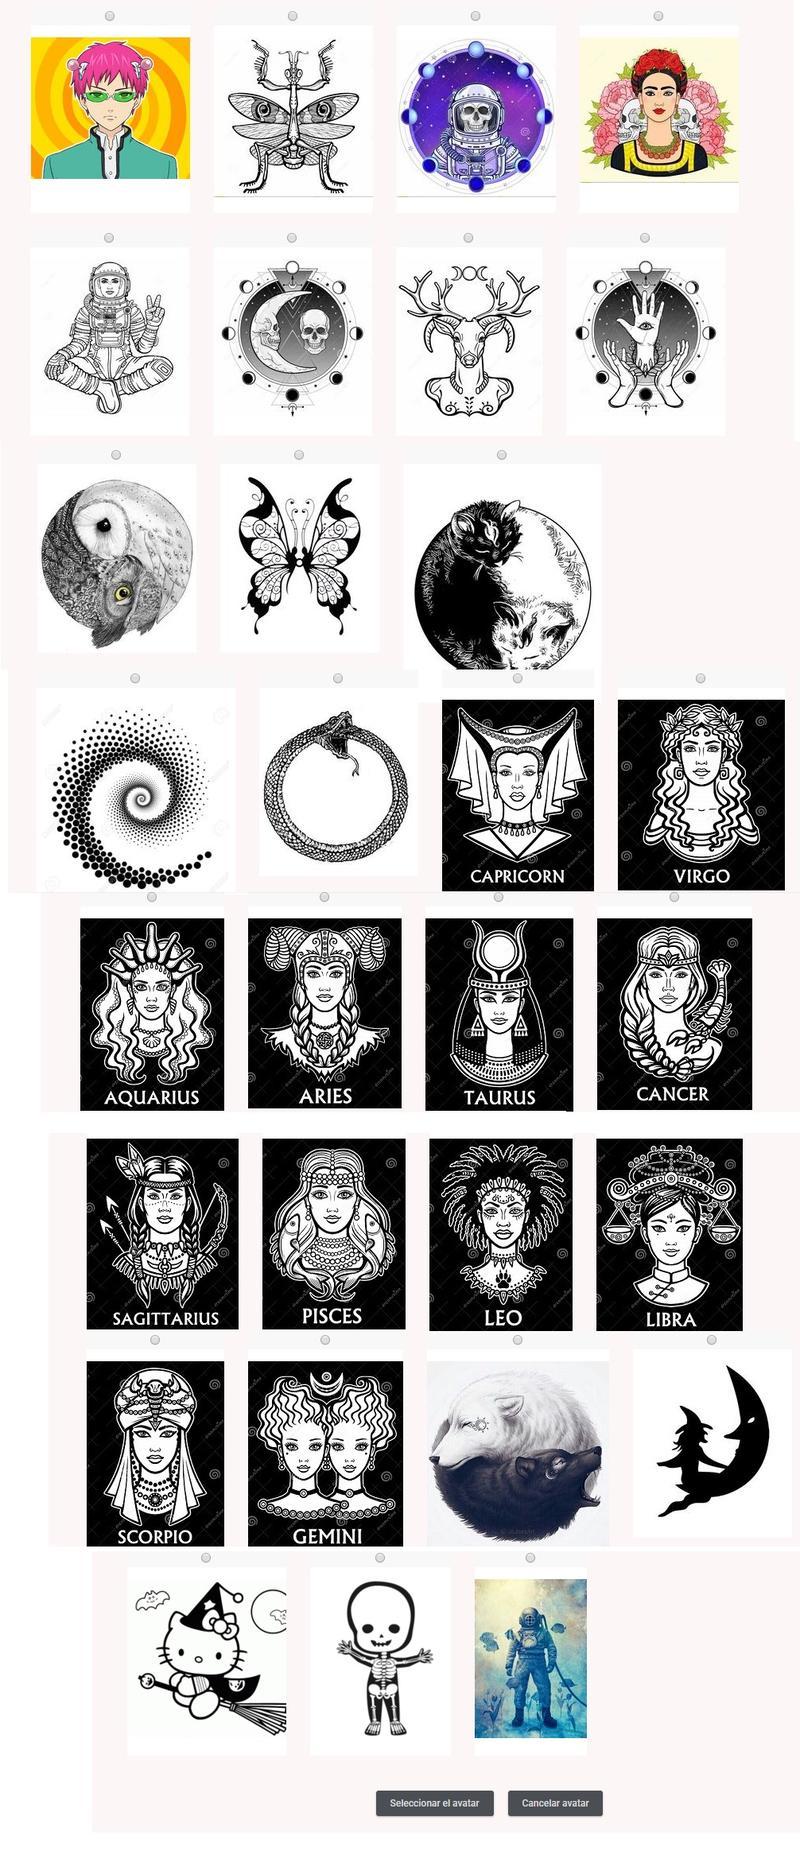 Galería de avatares del foro 1c57a5bf9738b8b818a3a1a3bf7efa46